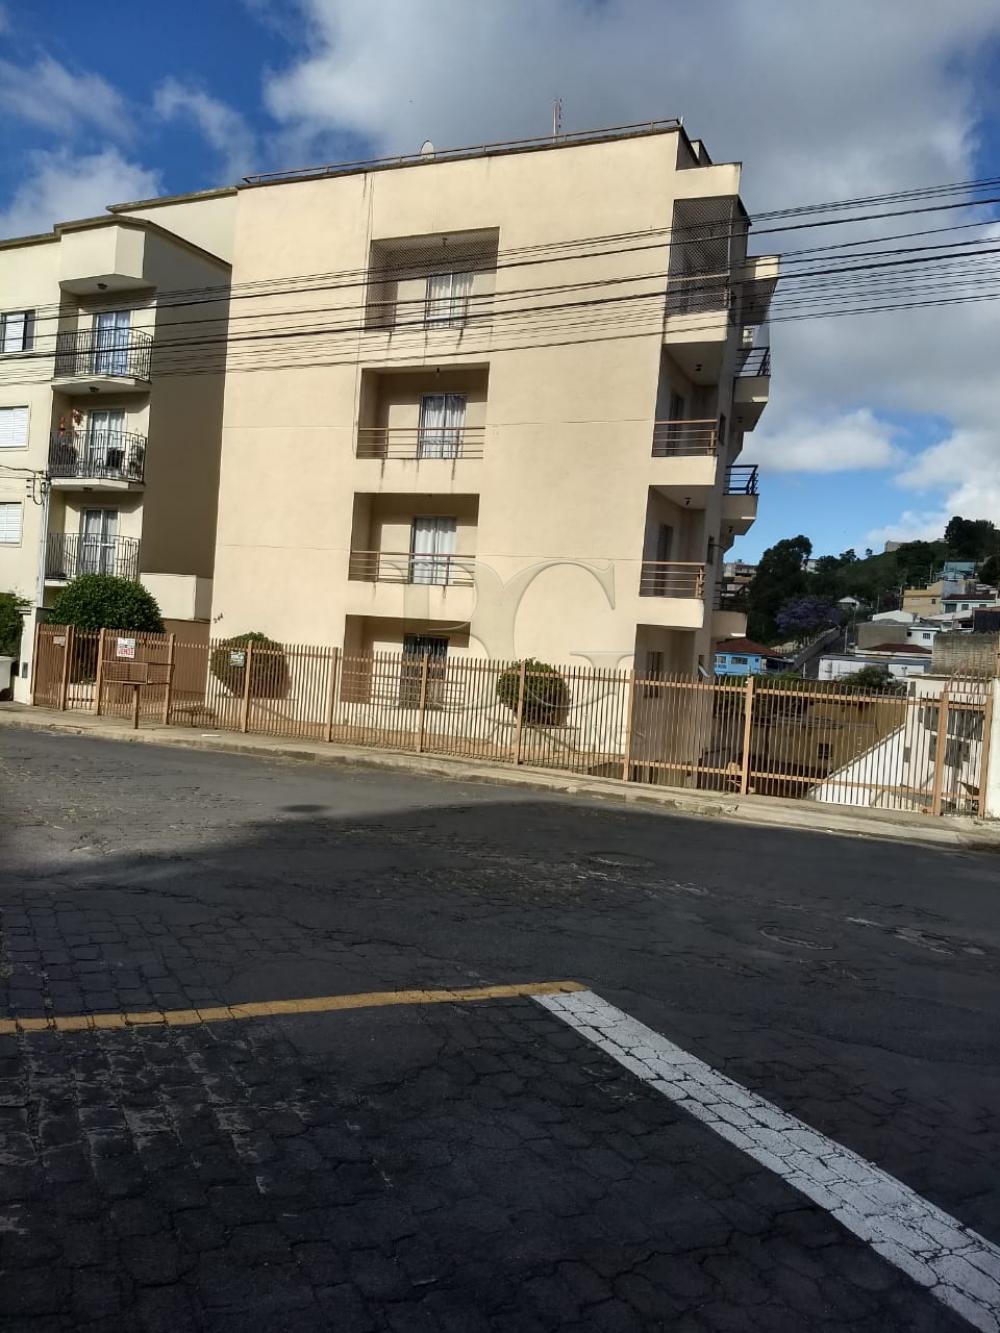 Comprar Apartamentos / Padrão em Poços de Caldas apenas R$ 270.000,00 - Foto 1